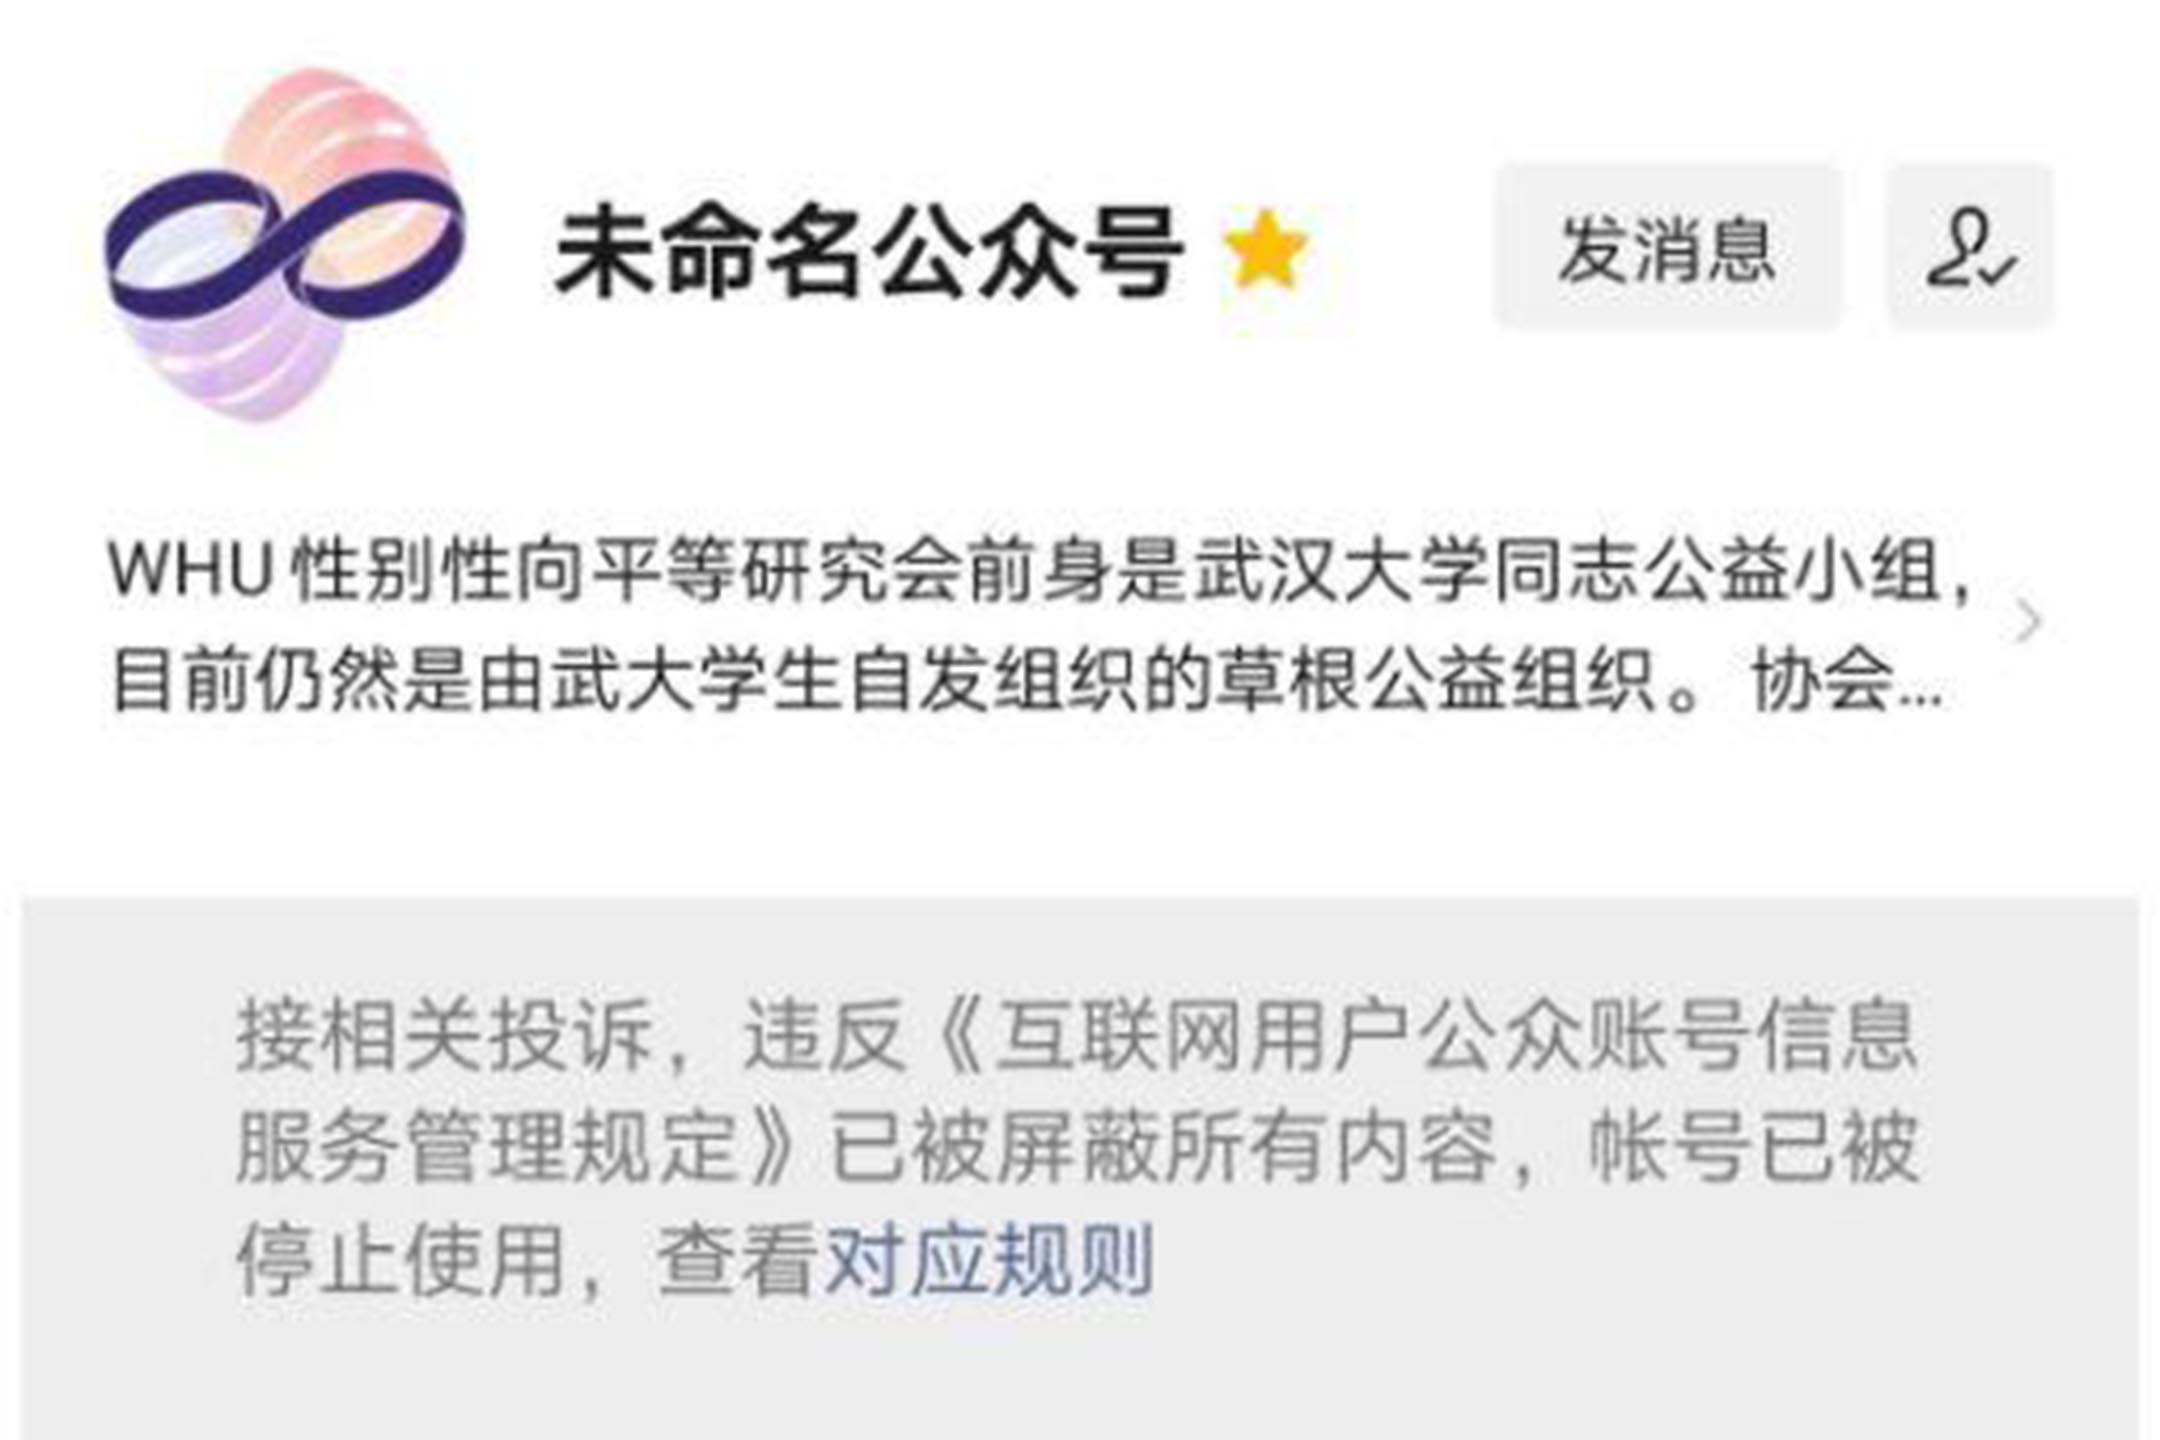 武漢大學「WHU性別性向平等研究會」微信公眾號被封禁後,公號名變成「未命名公眾號」。